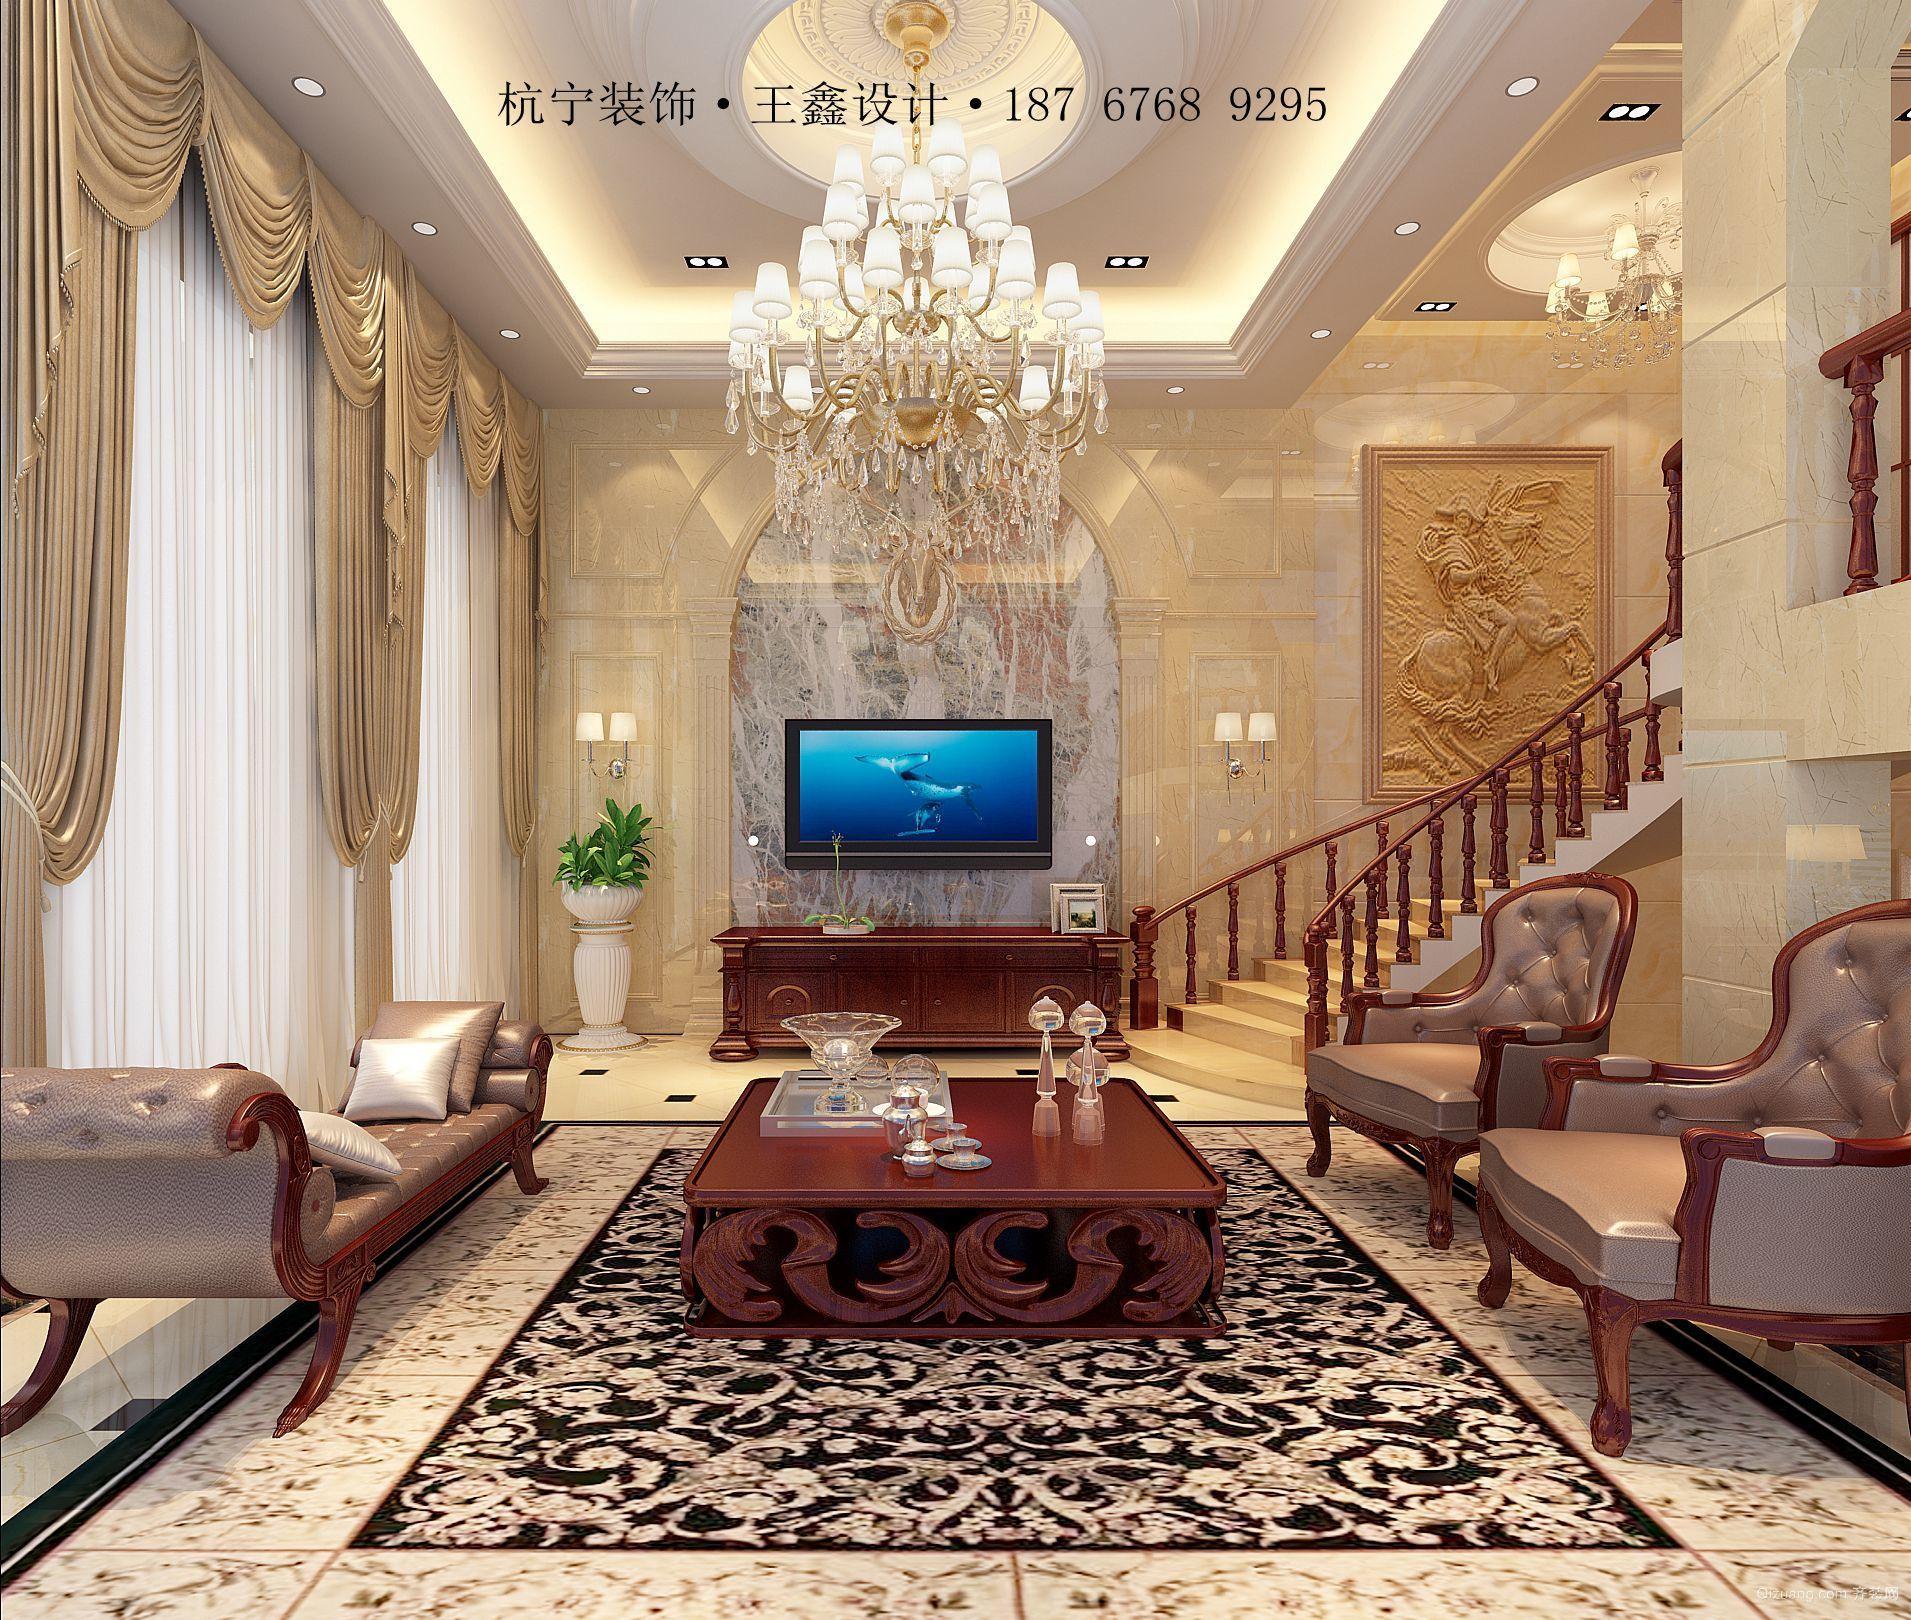 翡翠湾别墅欧式风格装修效果图实景图